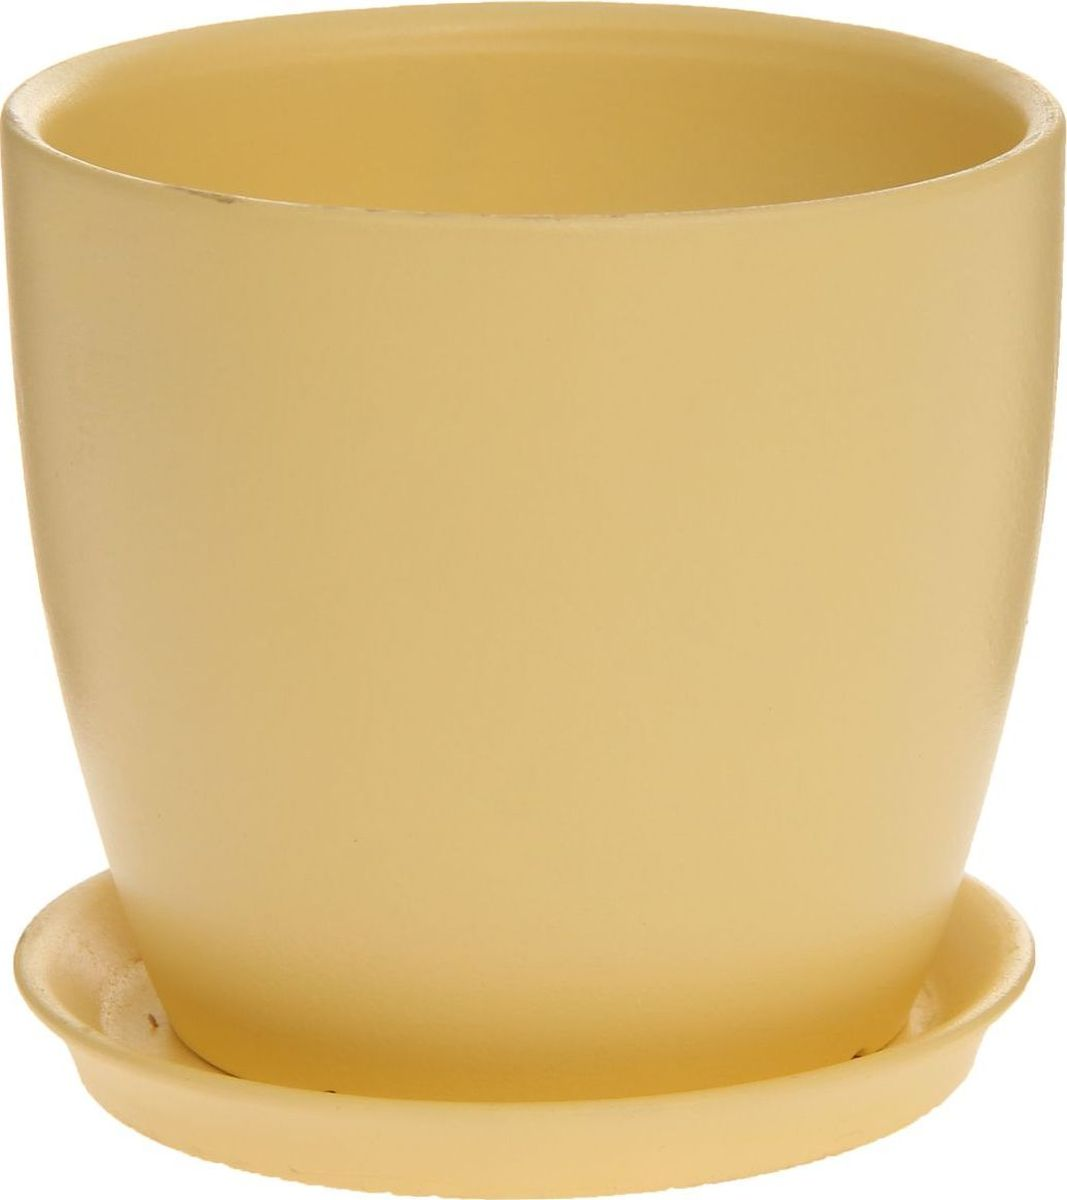 Кашпо Керамика ручной работы Осень. Глянец, цвет: желтый, 1 л1170280Комнатные растения — всеобщие любимцы. Они радуют глаз, насыщают помещение кислородом и украшают пространство. Каждому из них необходим свой удобный и красивый дом. Кашпо из керамики прекрасно подходят для высадки растений: за счёт пластичности глины и разных способов обработки существует великое множество форм и дизайновпористый материал позволяет испаряться лишней влагевоздух, необходимый для дыхания корней, проникает сквозь керамические стенки! #name# позаботится о зелёном питомце, освежит интерьер и подчеркнёт его стиль.